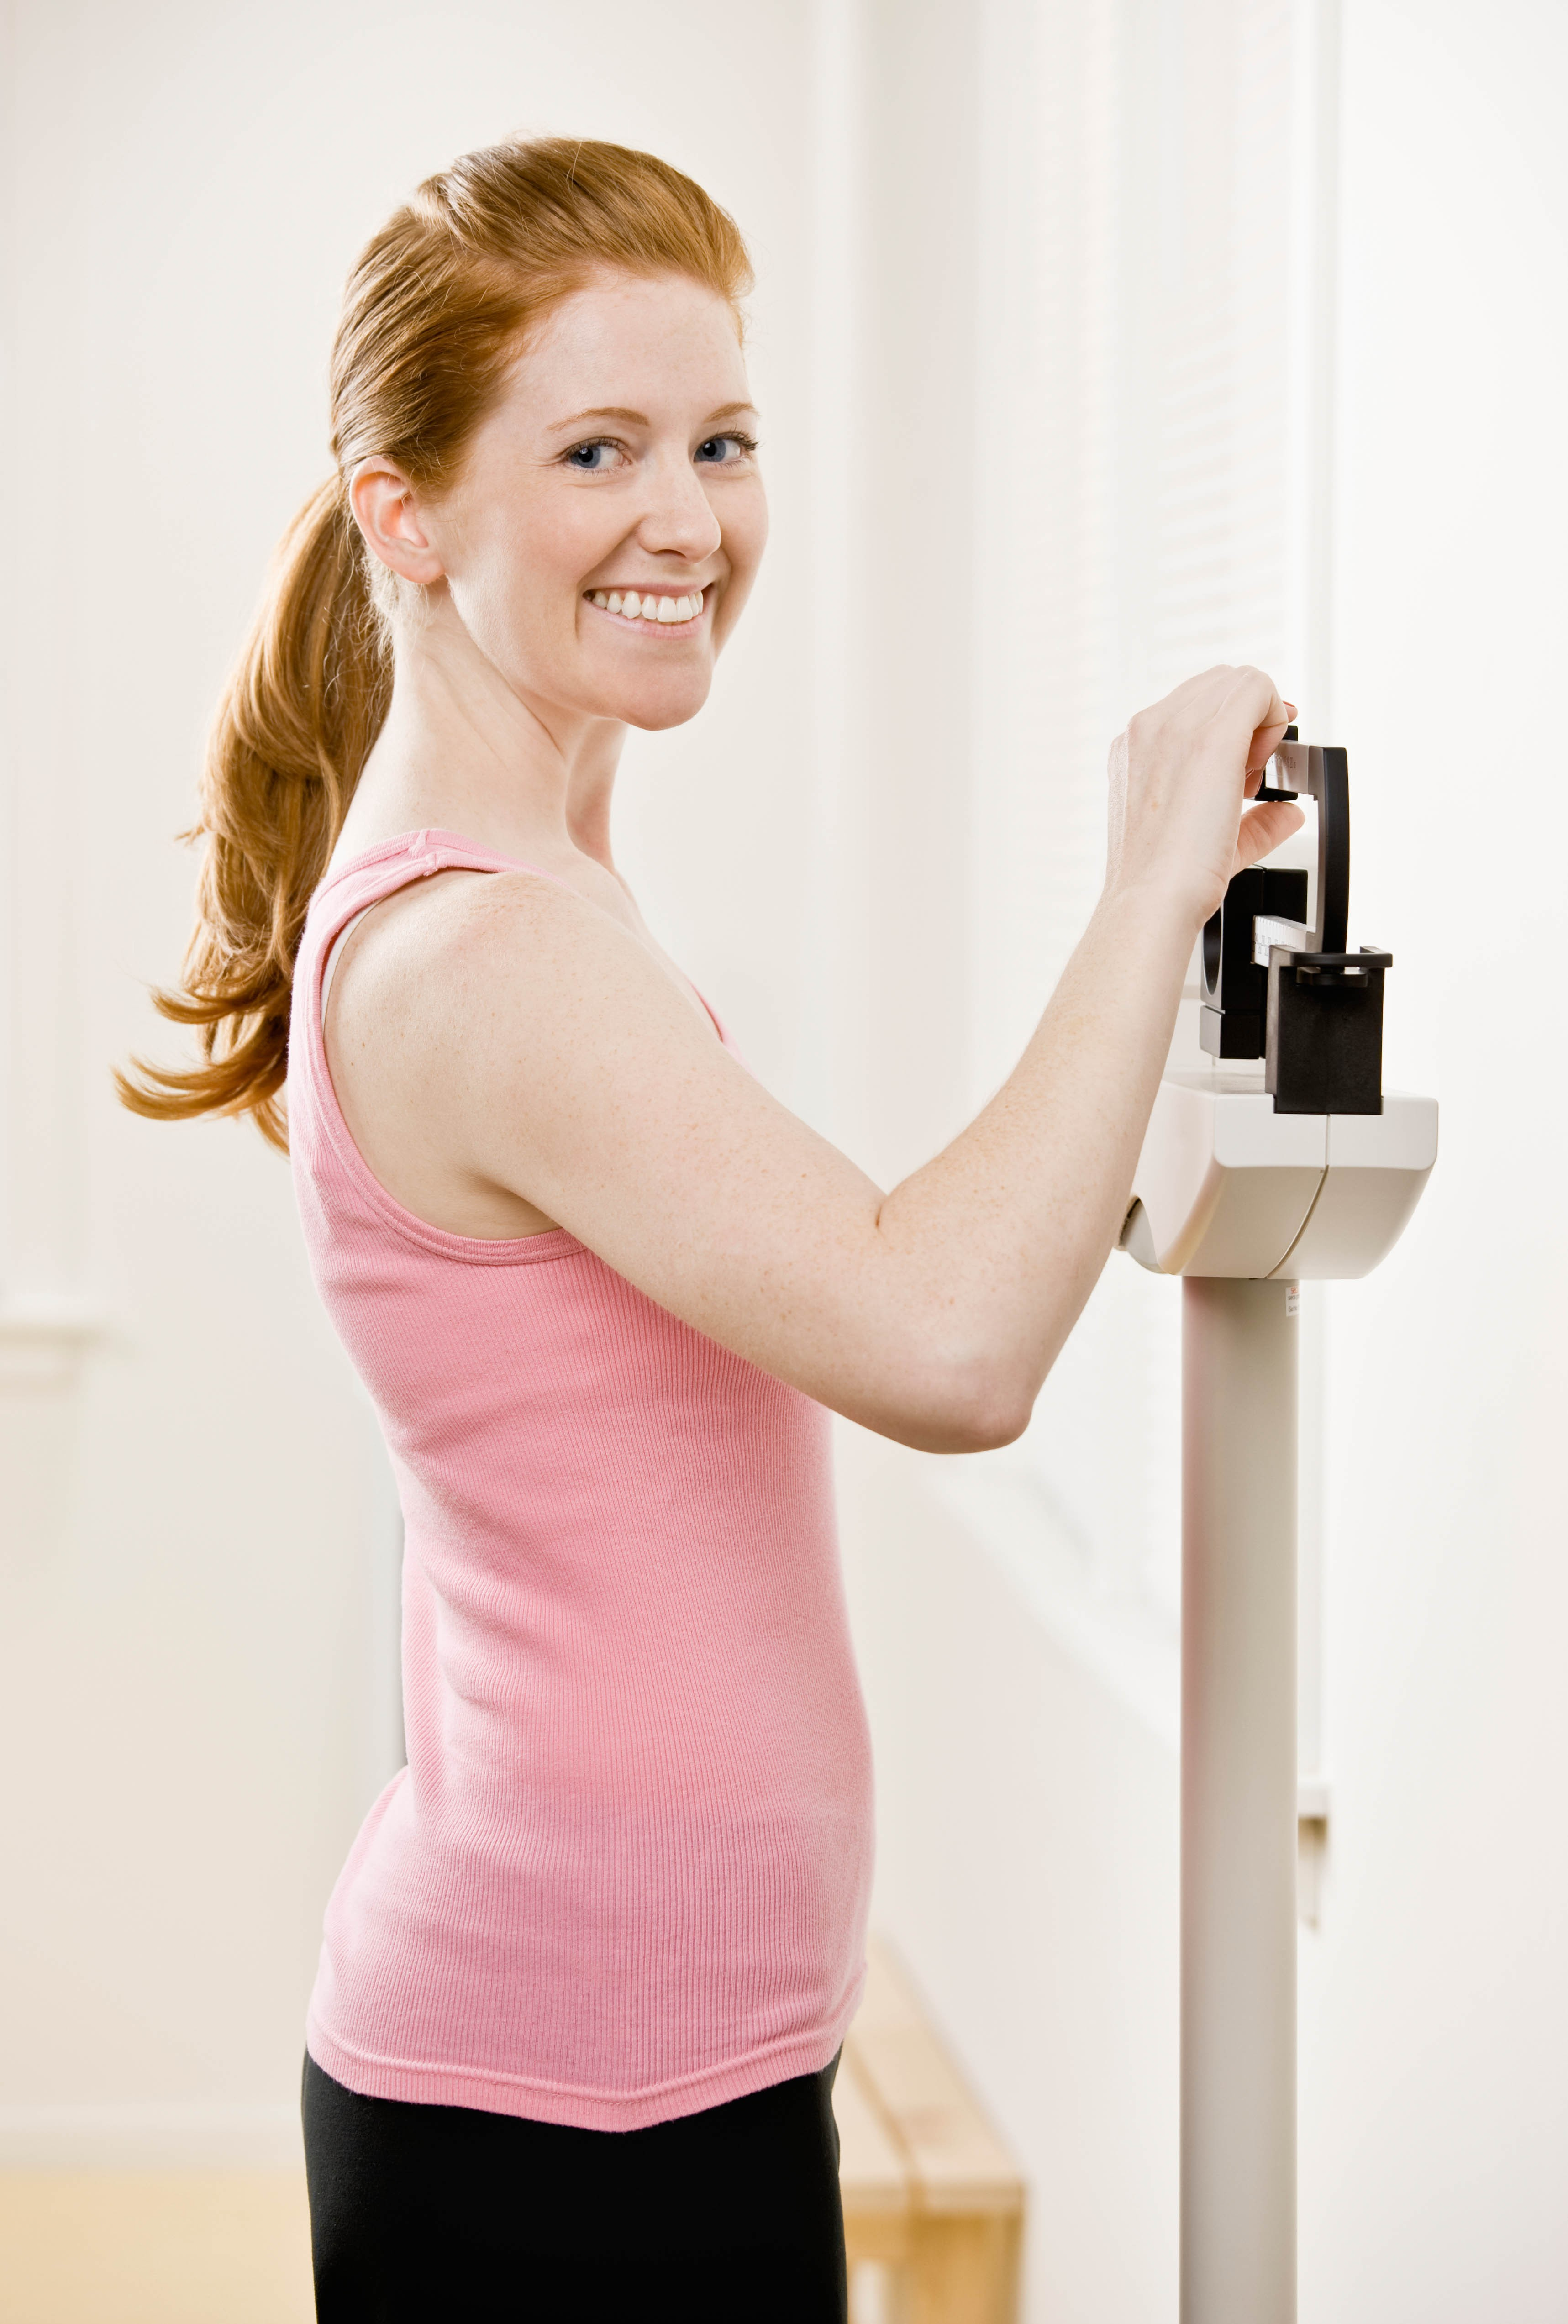 Battre l'obesité